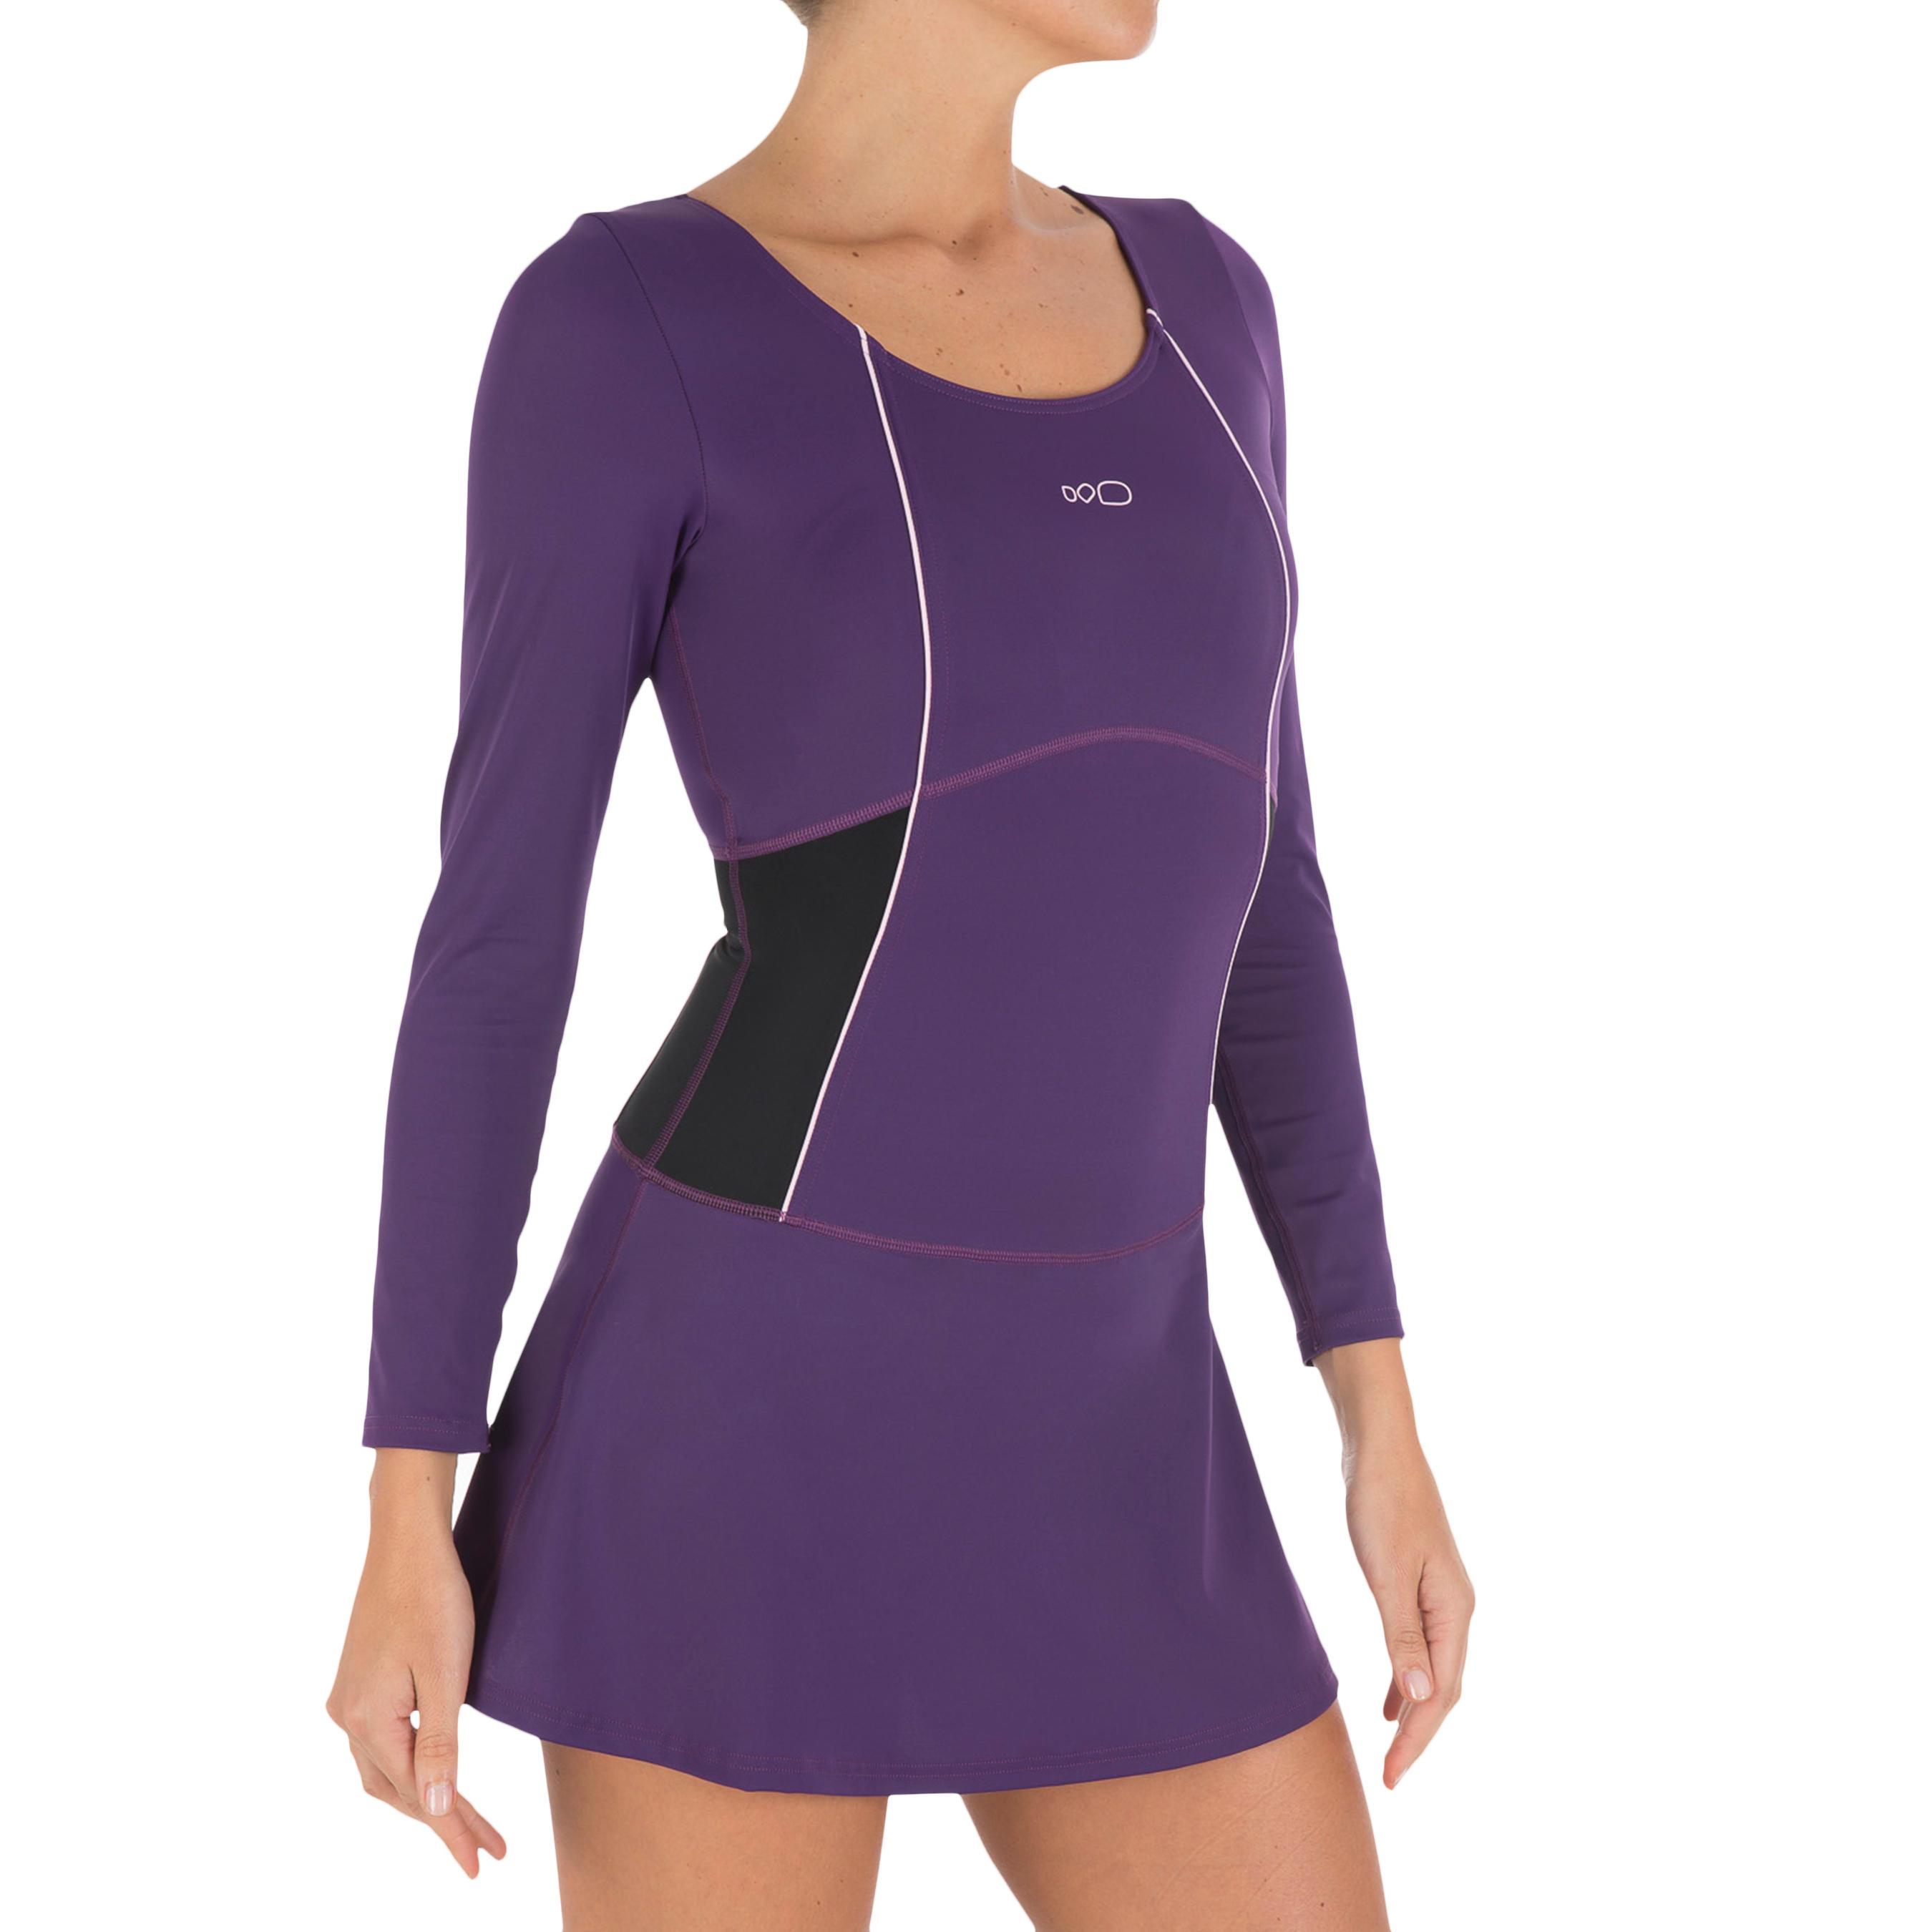 Audrey Women's Long Sleeve Swimsuit - Purple